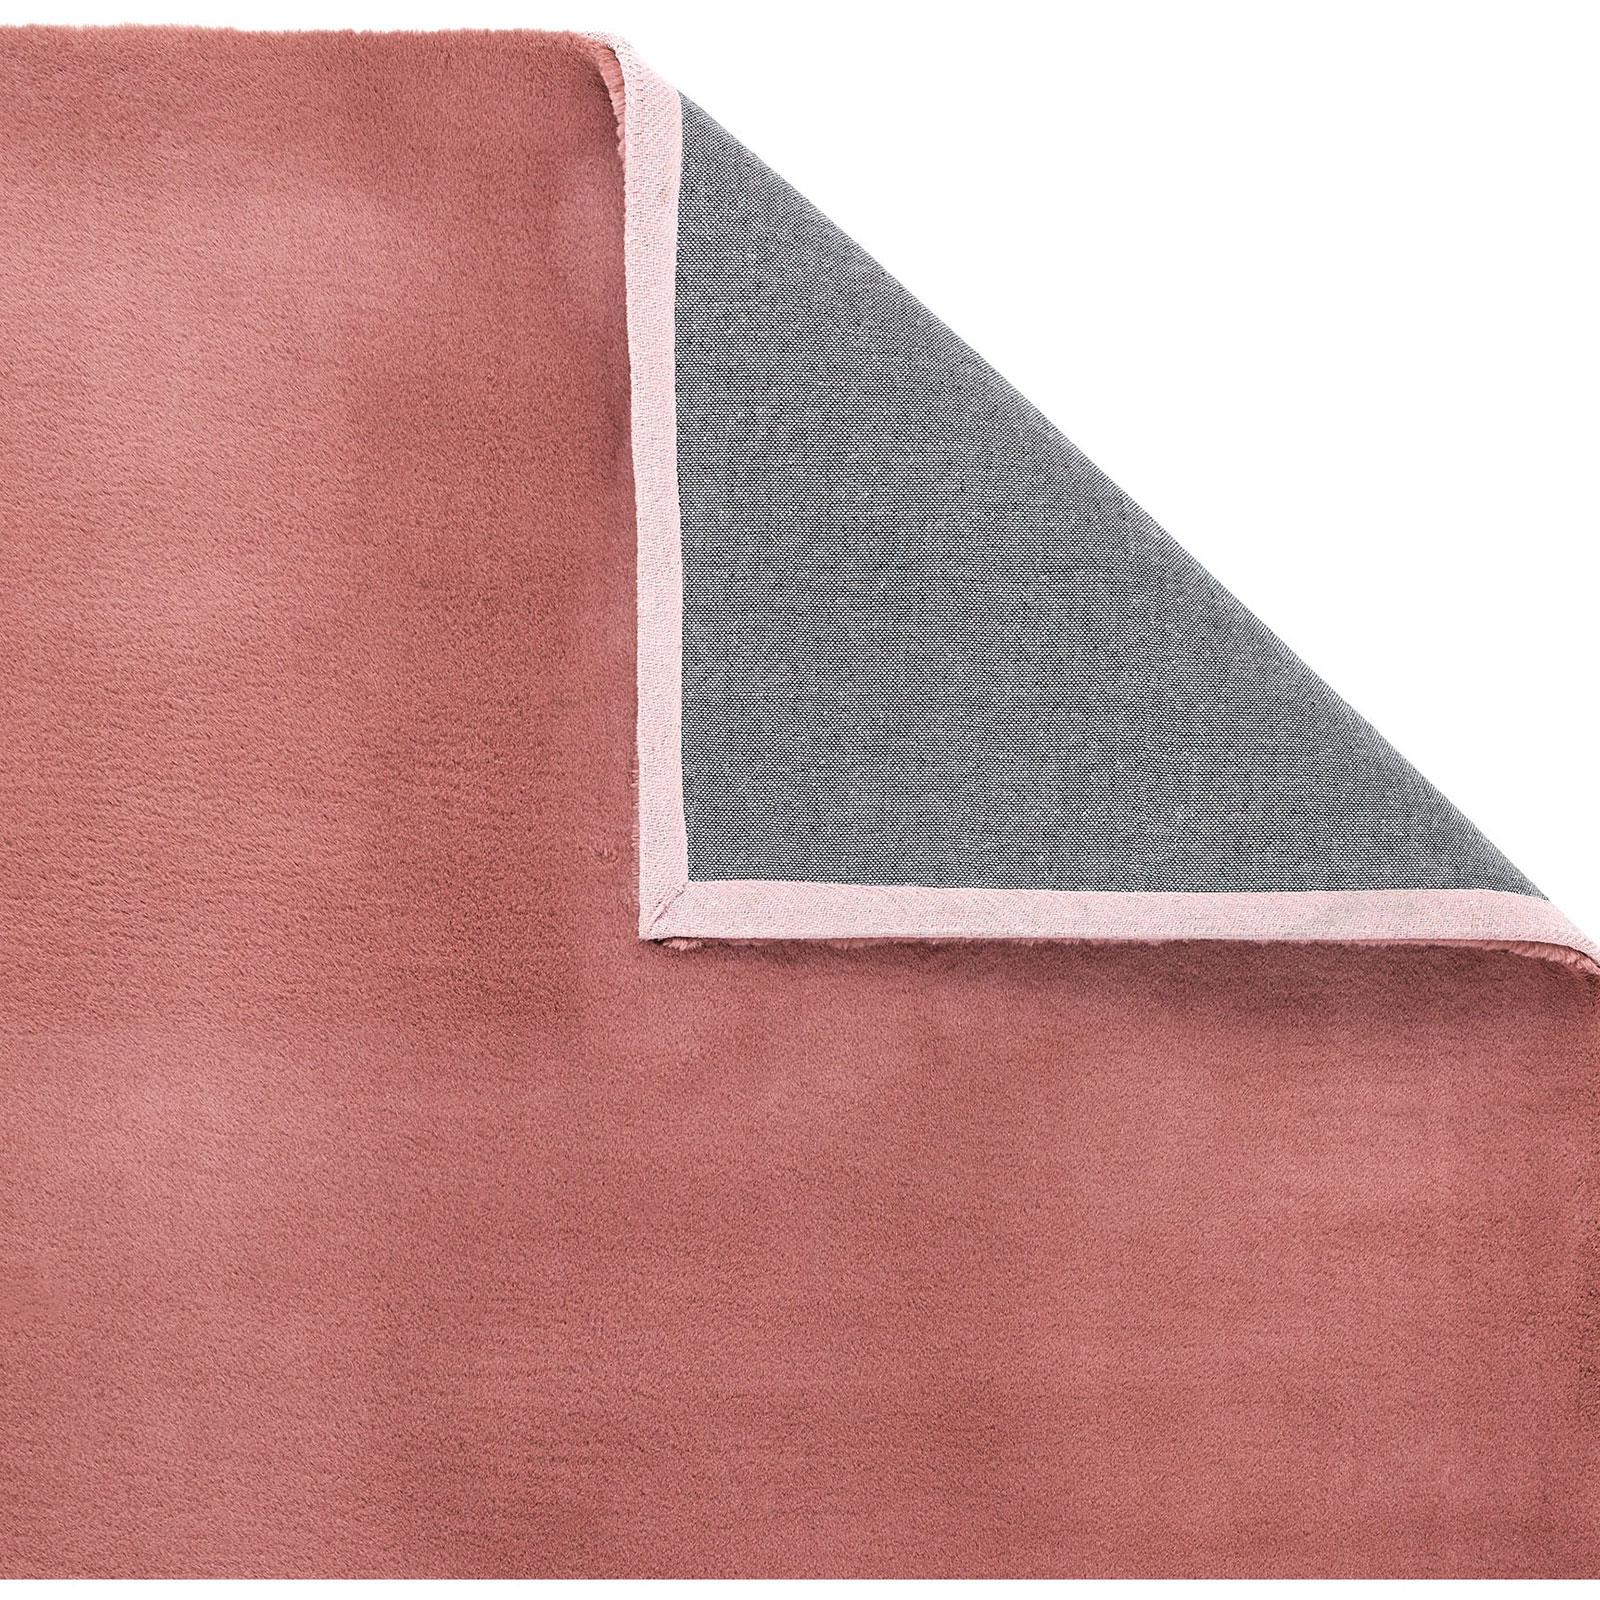 Comfy-Pink-Backing.jpg